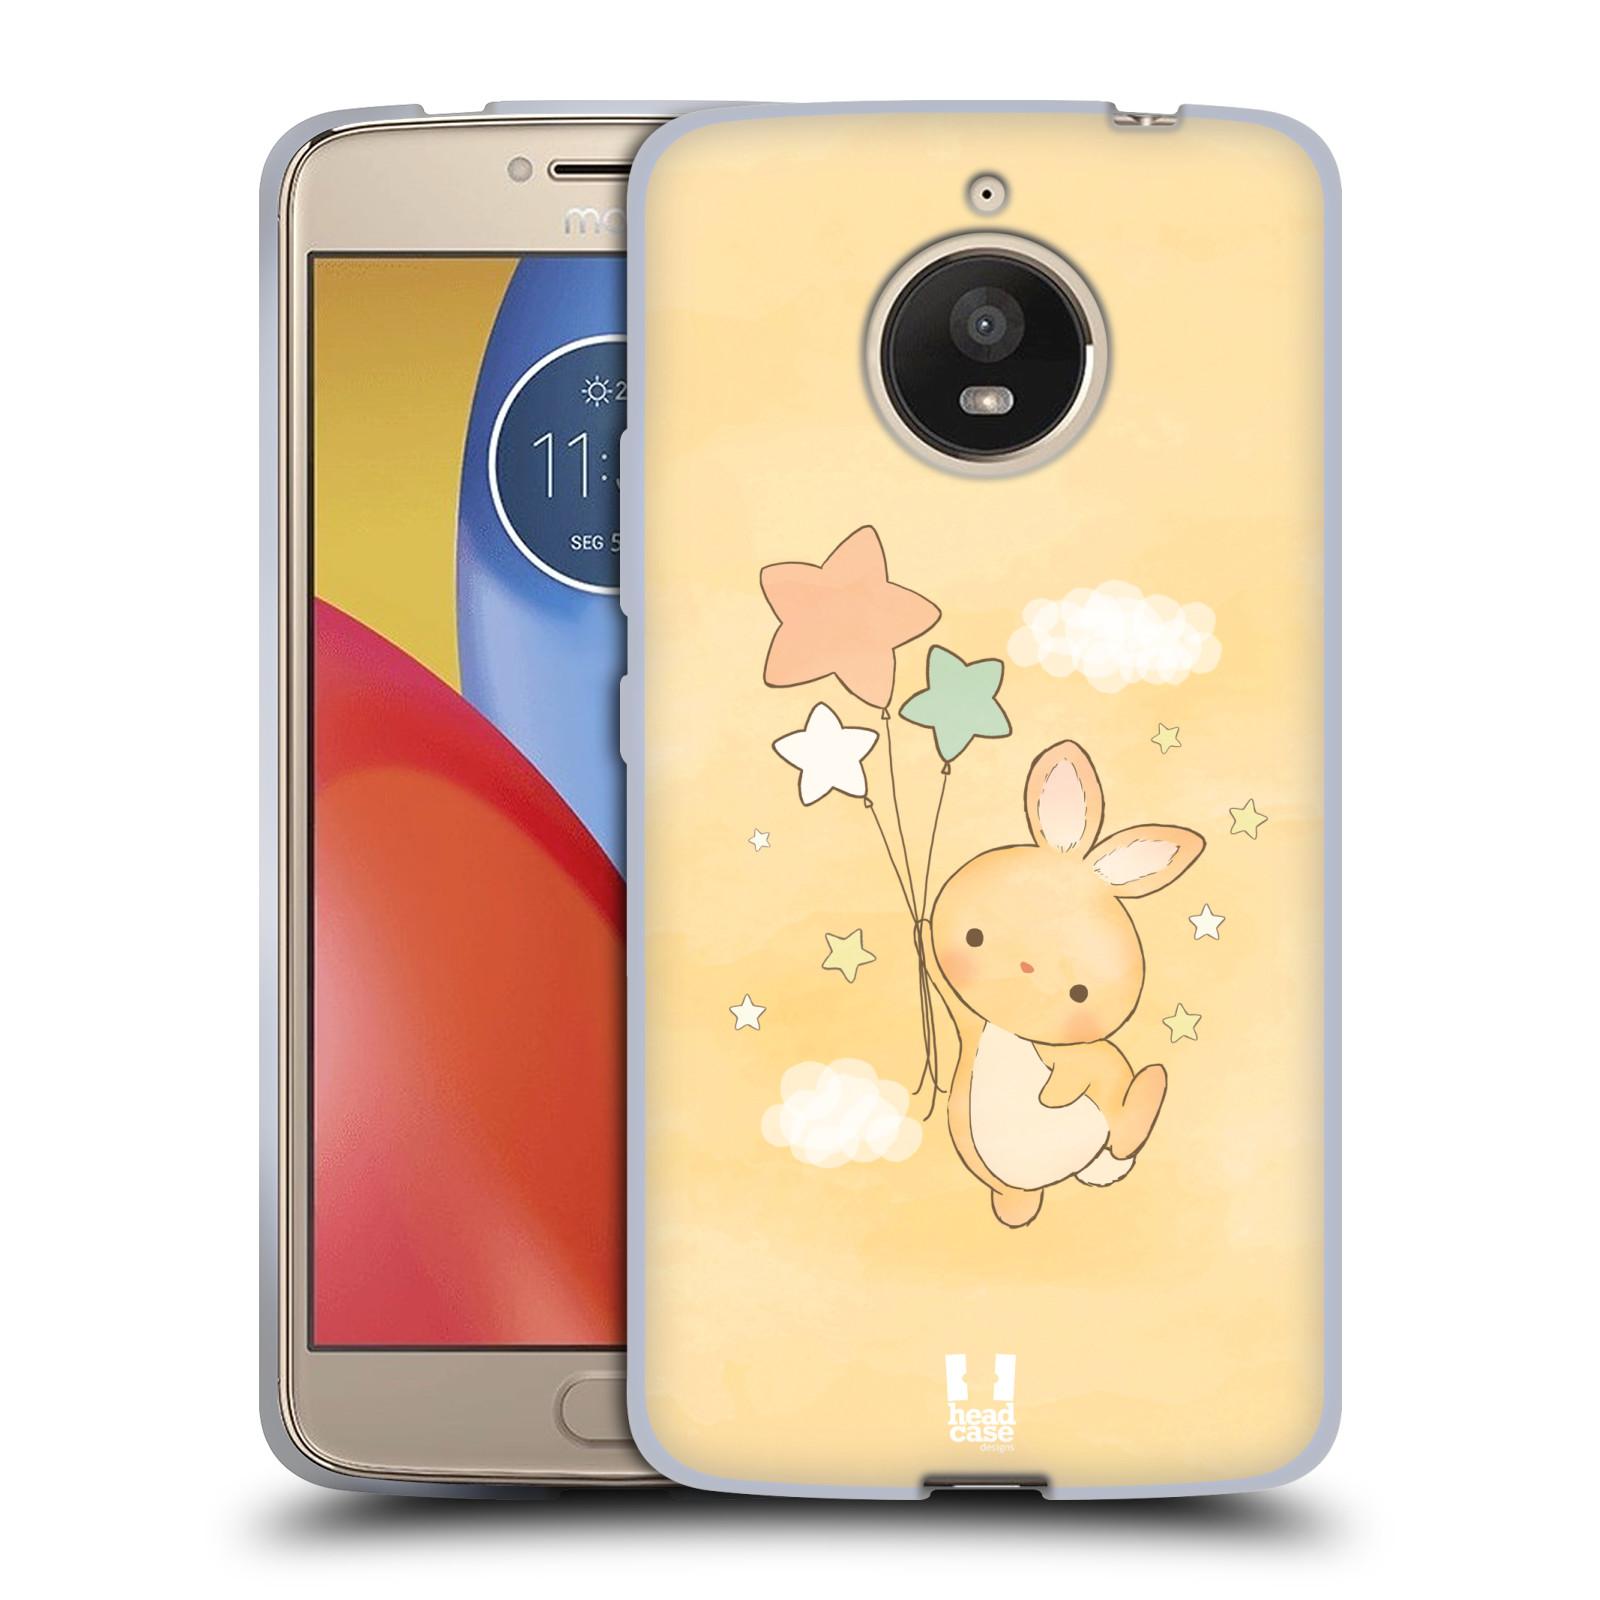 aae933e6e HEAD CASE silikonový obal na mobil Lenovo Moto E4 PLUS vzor králíček a  hvězdy žlutá